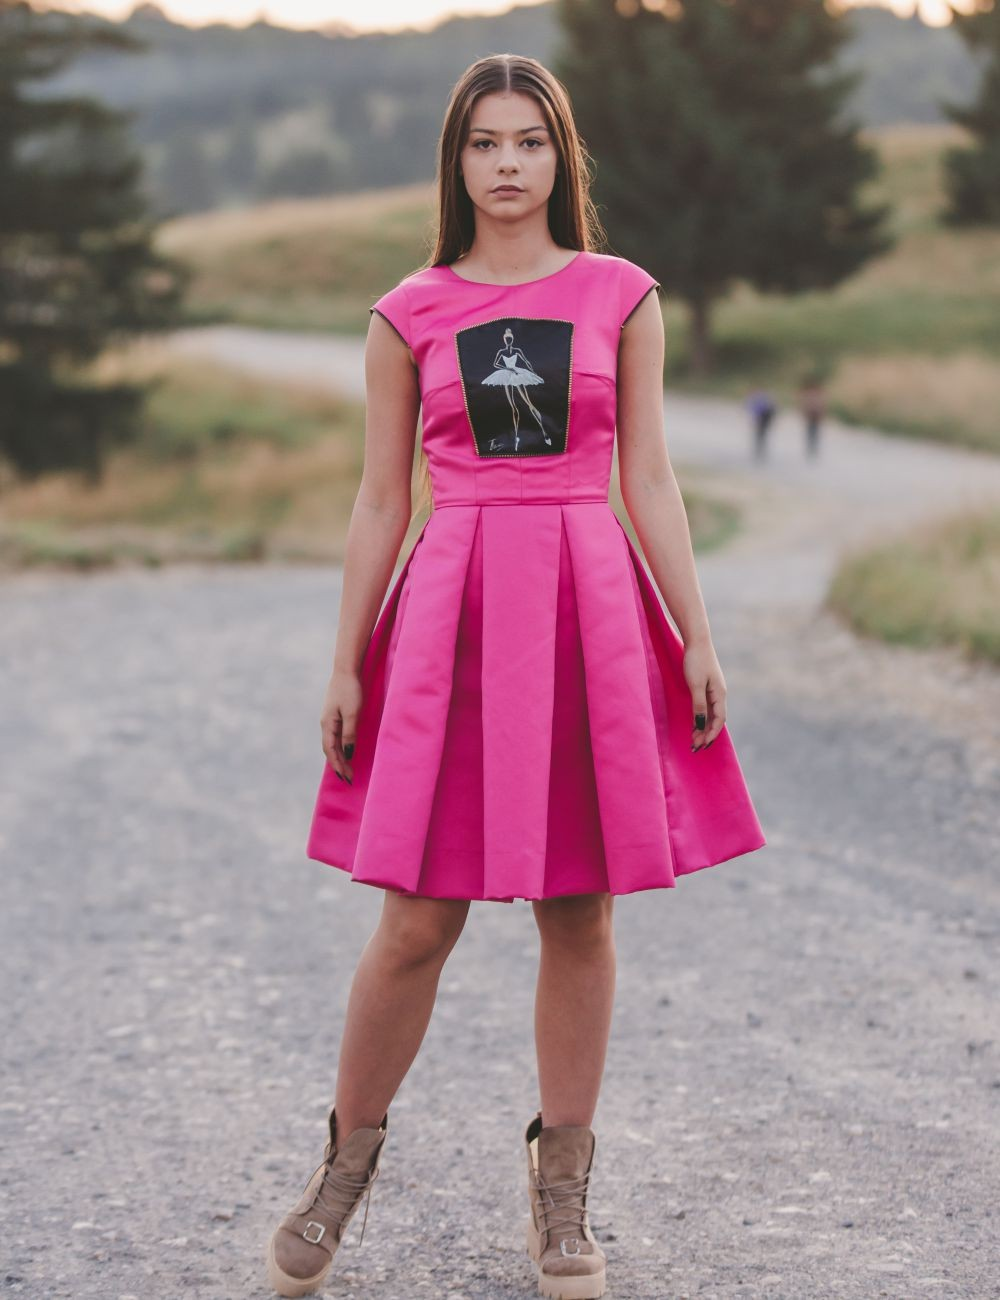 Hot pink Evening Dress